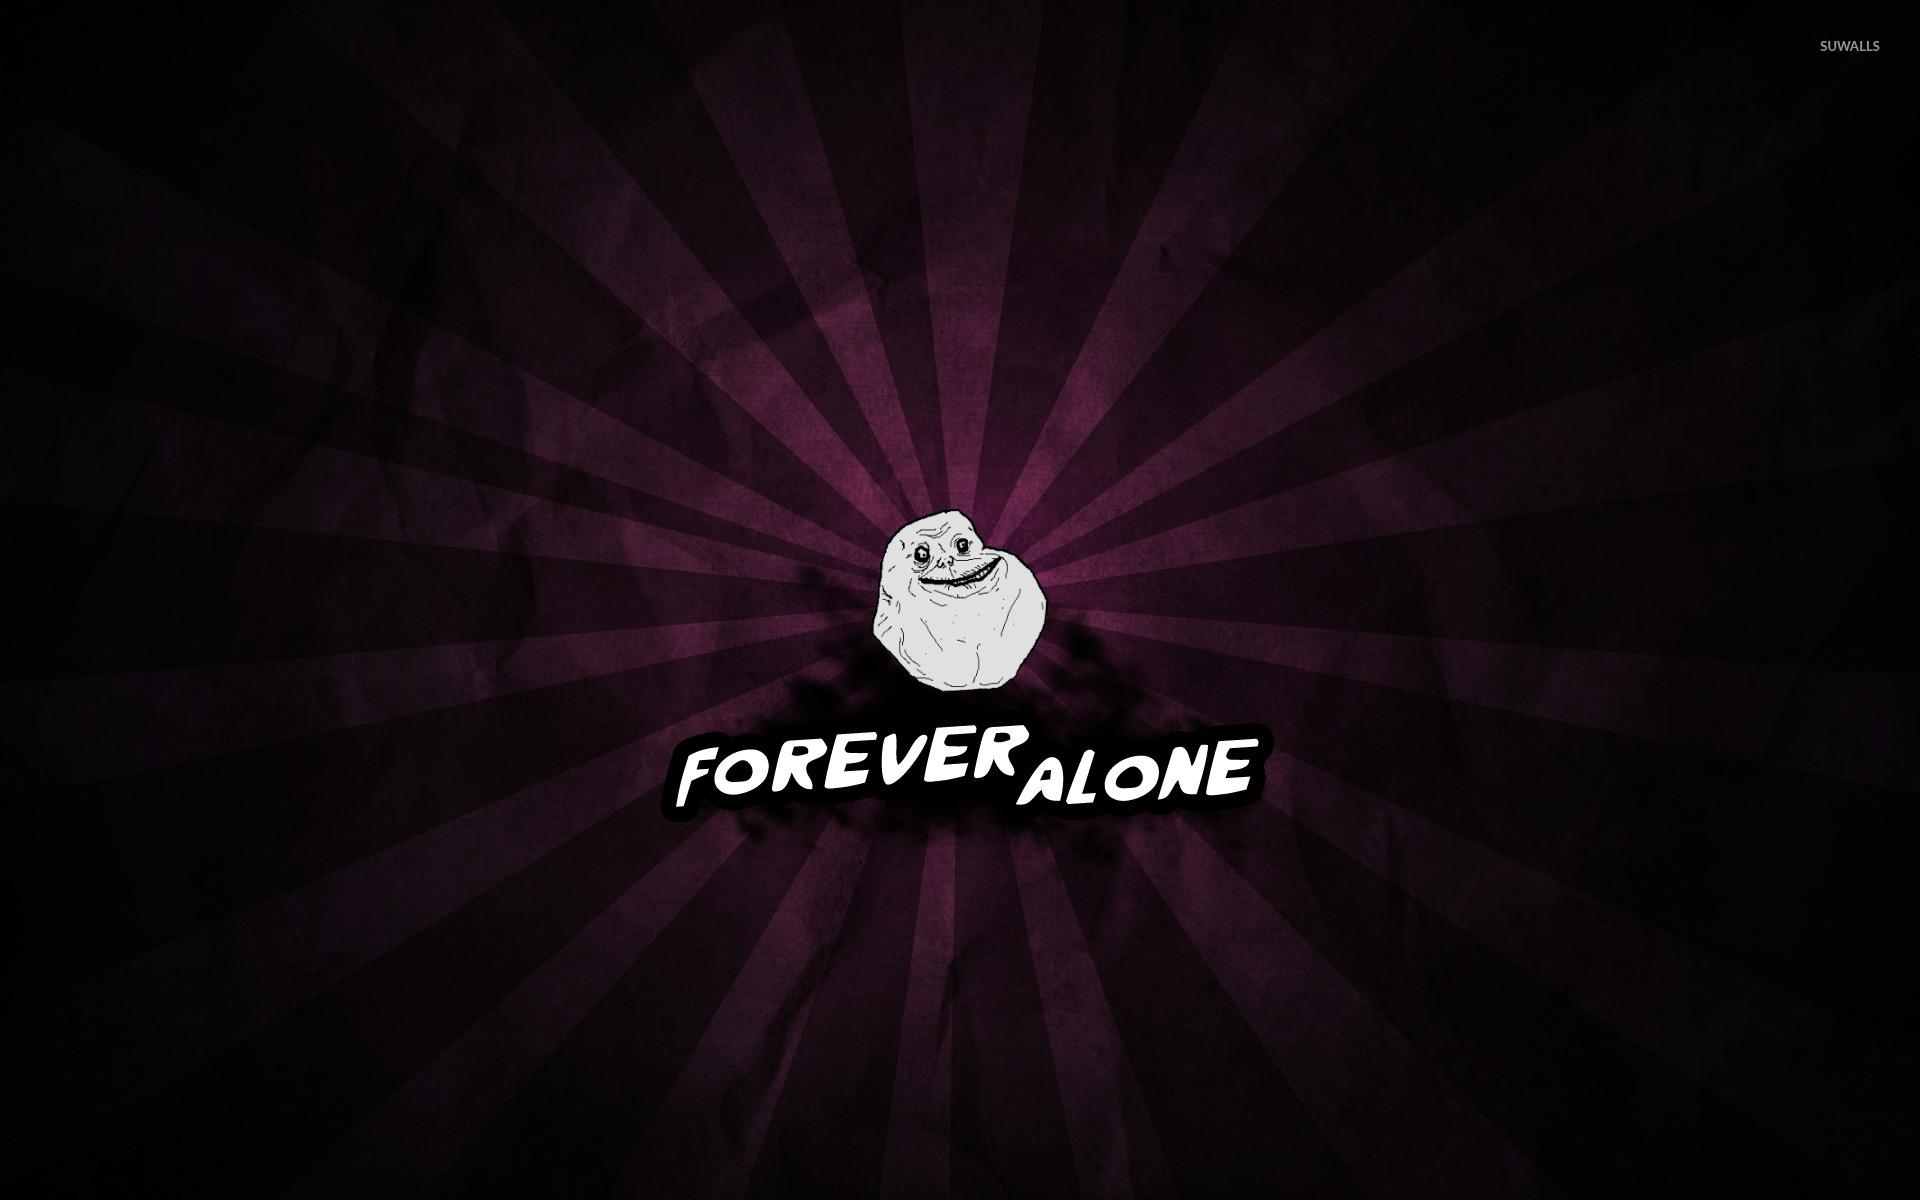 Forever Alone Wallpaper Meme Wallpapers 24120